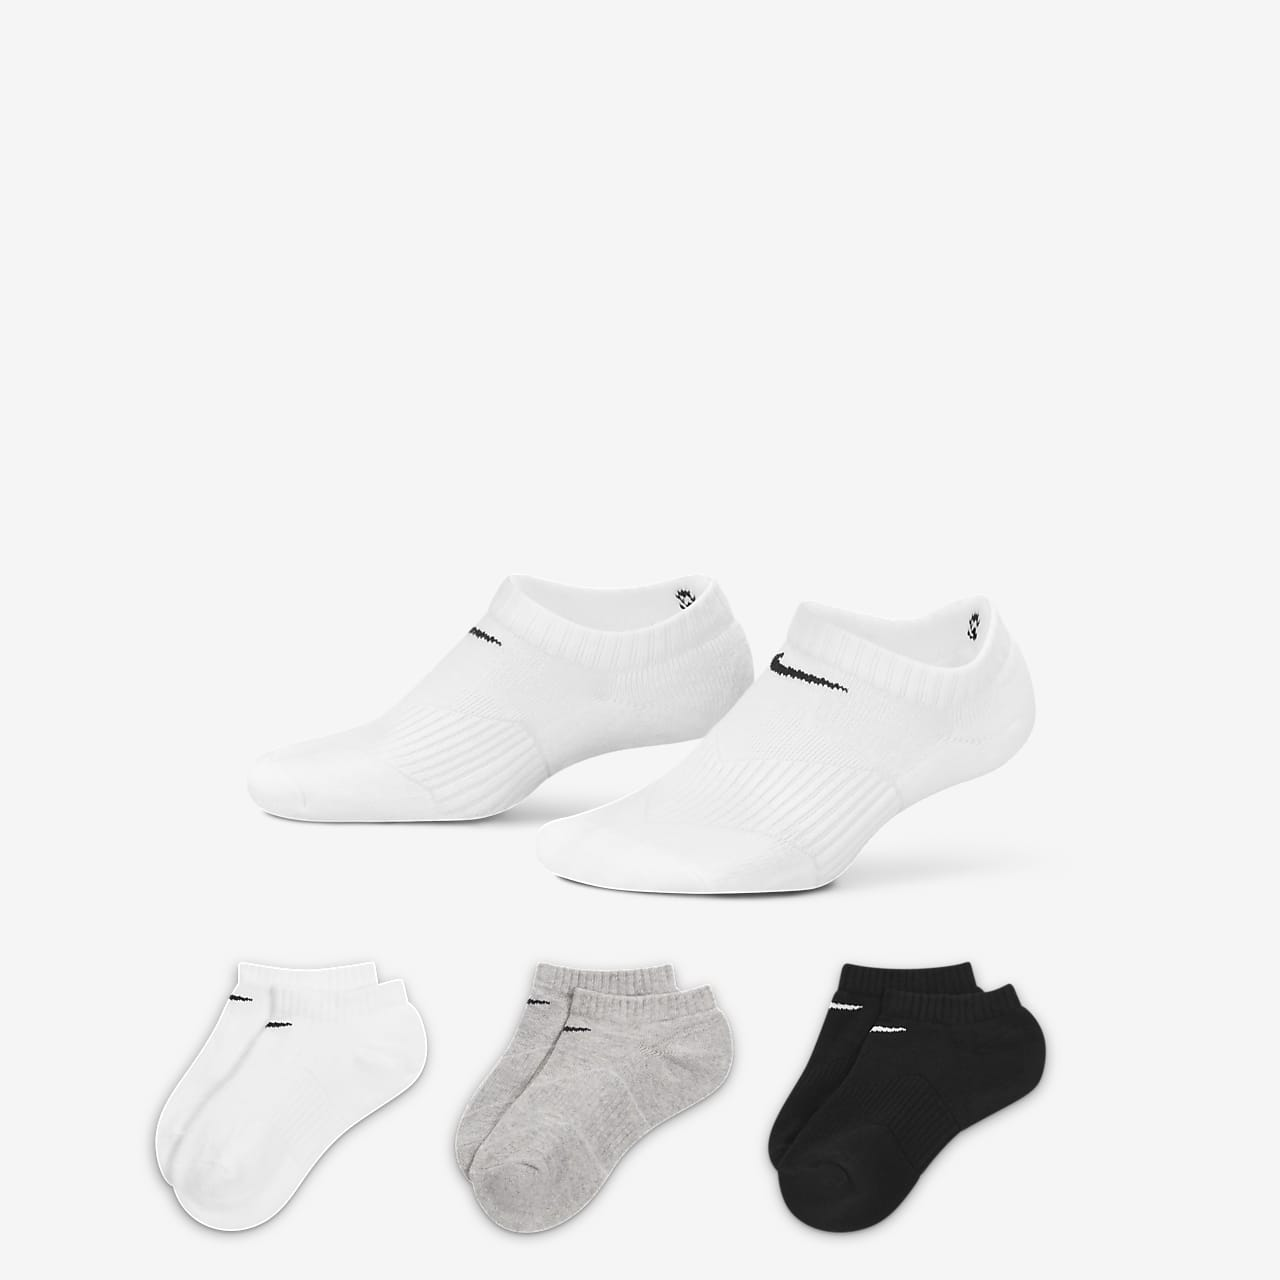 Calze Nike Performance Cushion No-Show - Ragazzi (3 paia)